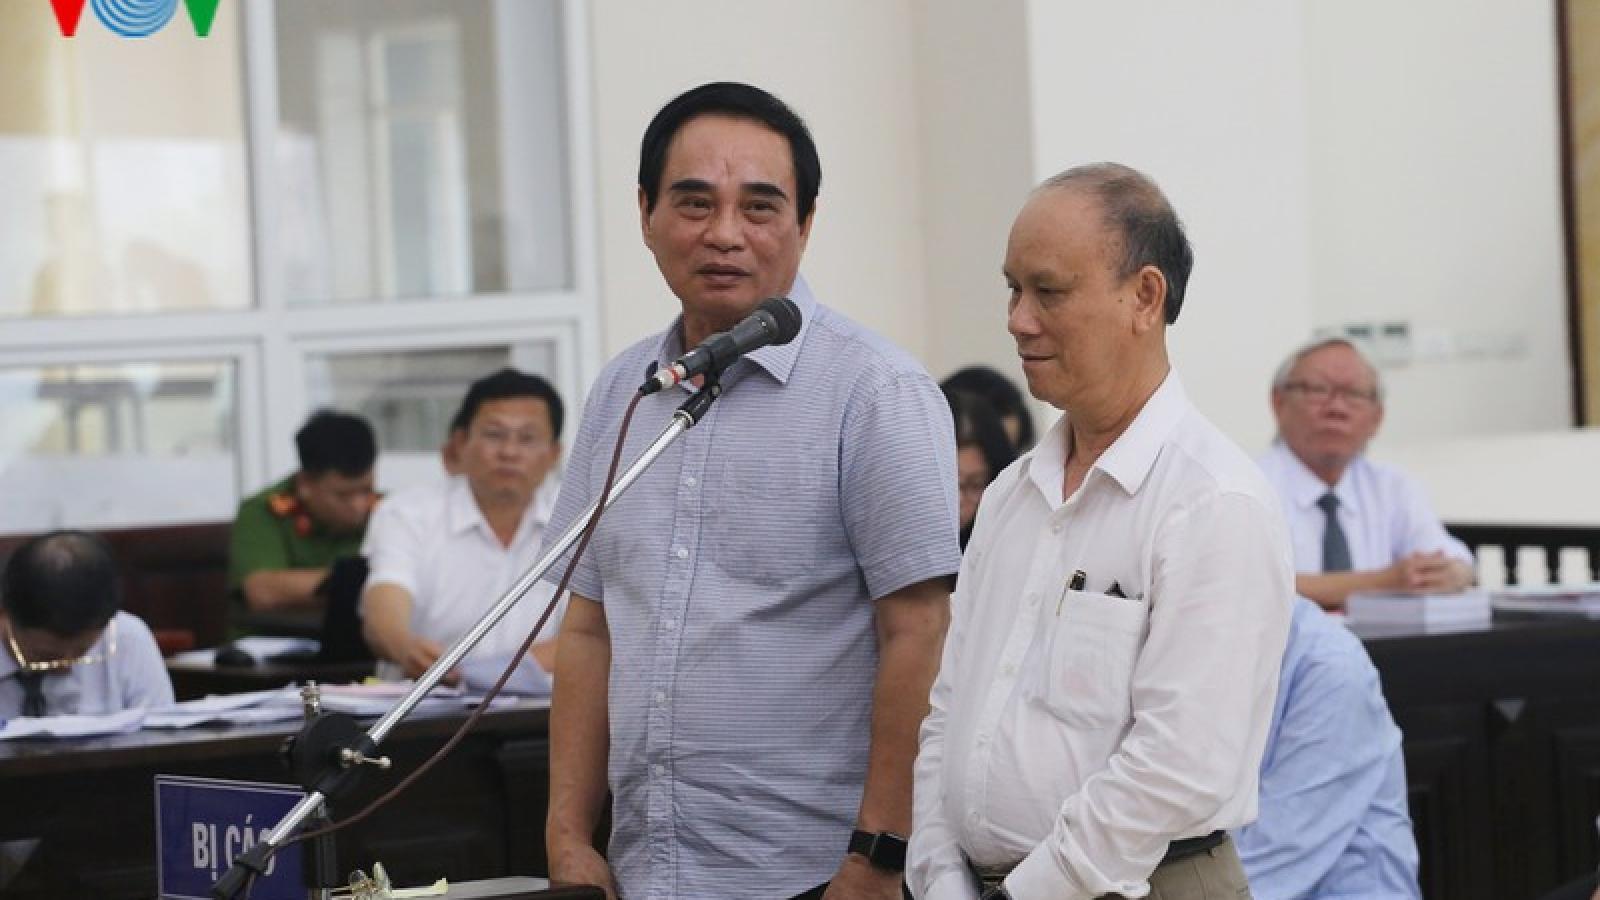 """Cựu Chủ tịch Đà Nẵng: """"Tôi không có thực quyền, chữ ký là hình thức"""""""